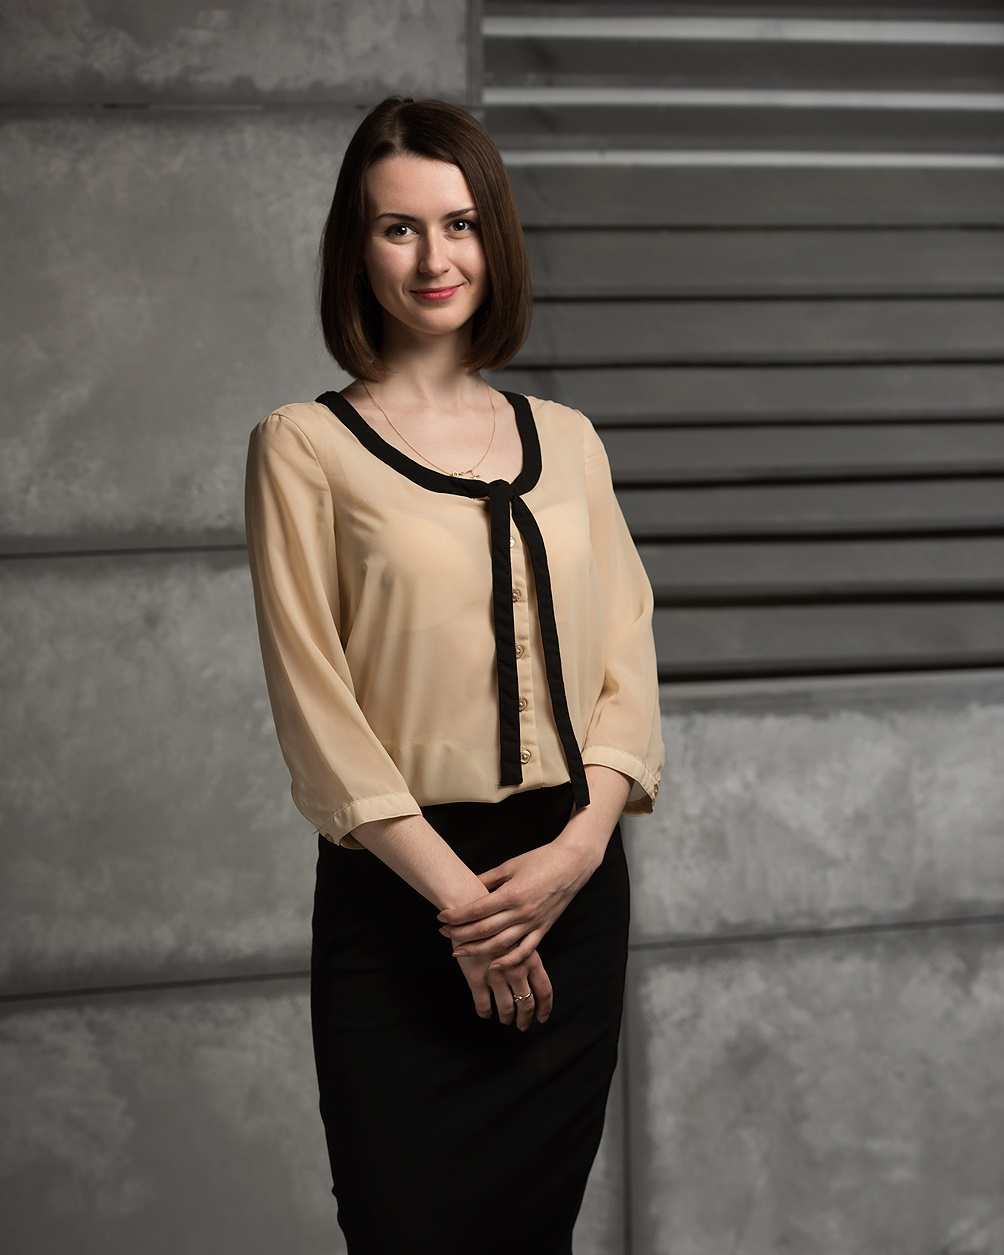 natalija-vasylechko